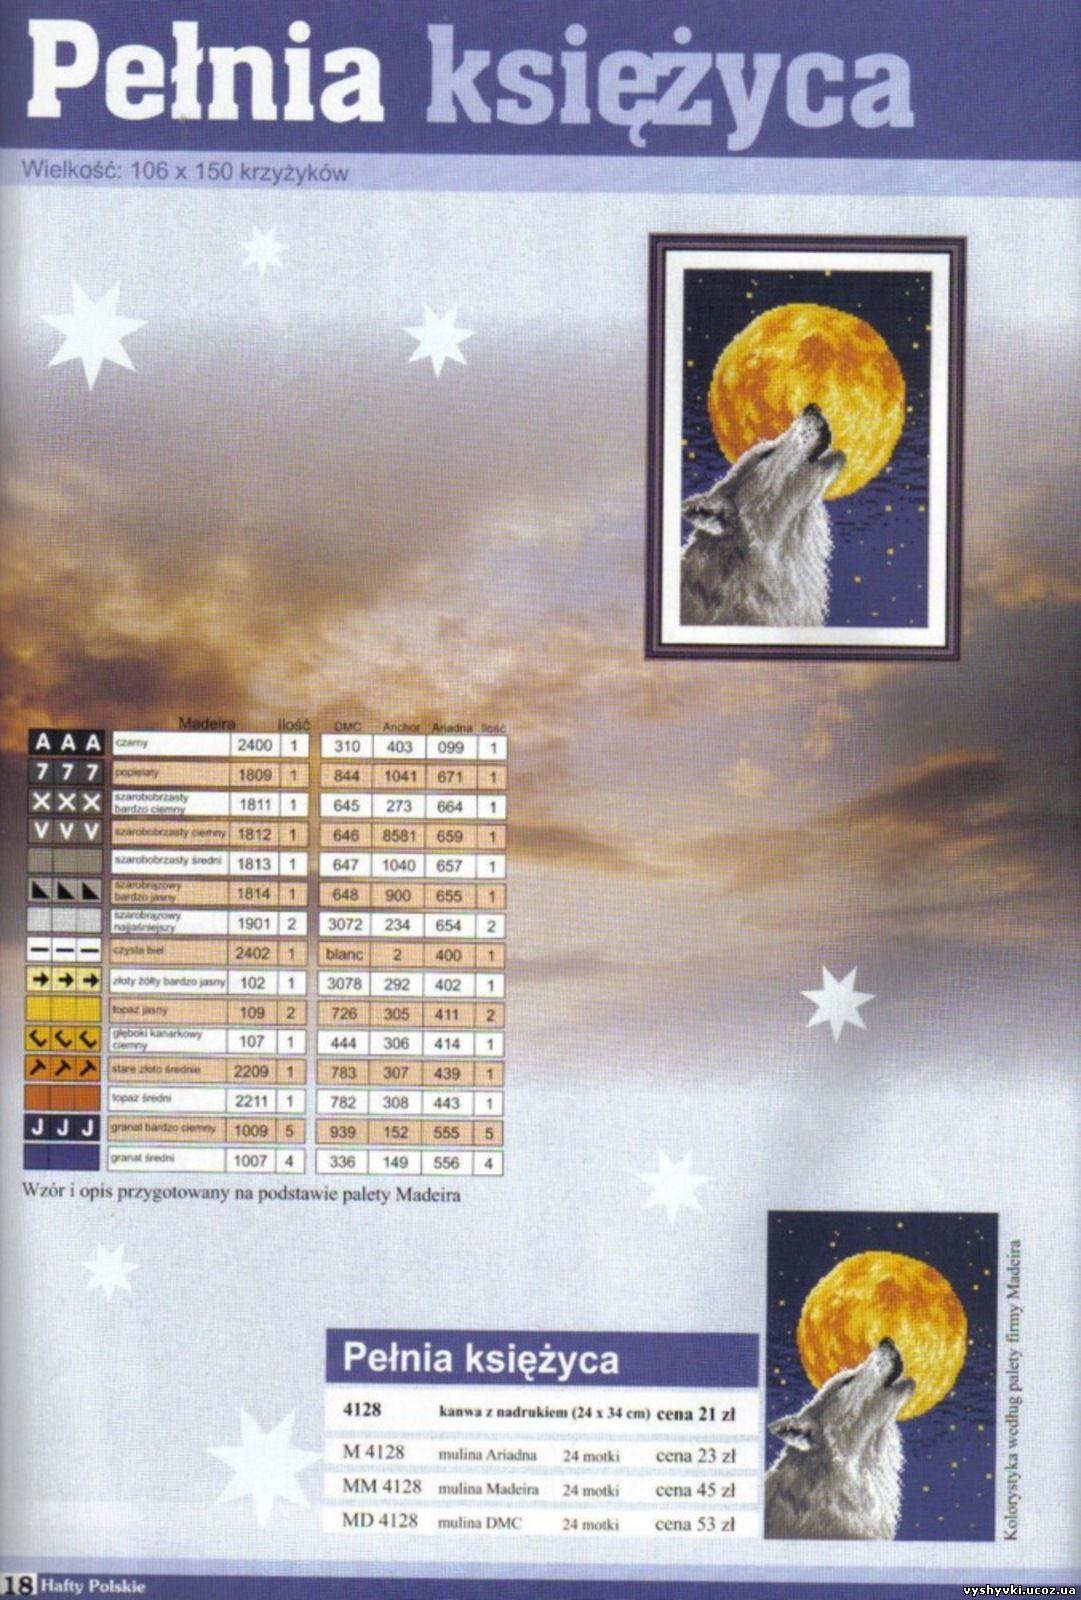 Волк воет на луну - 21 Августа 2012 - Бесплатные схемы ...